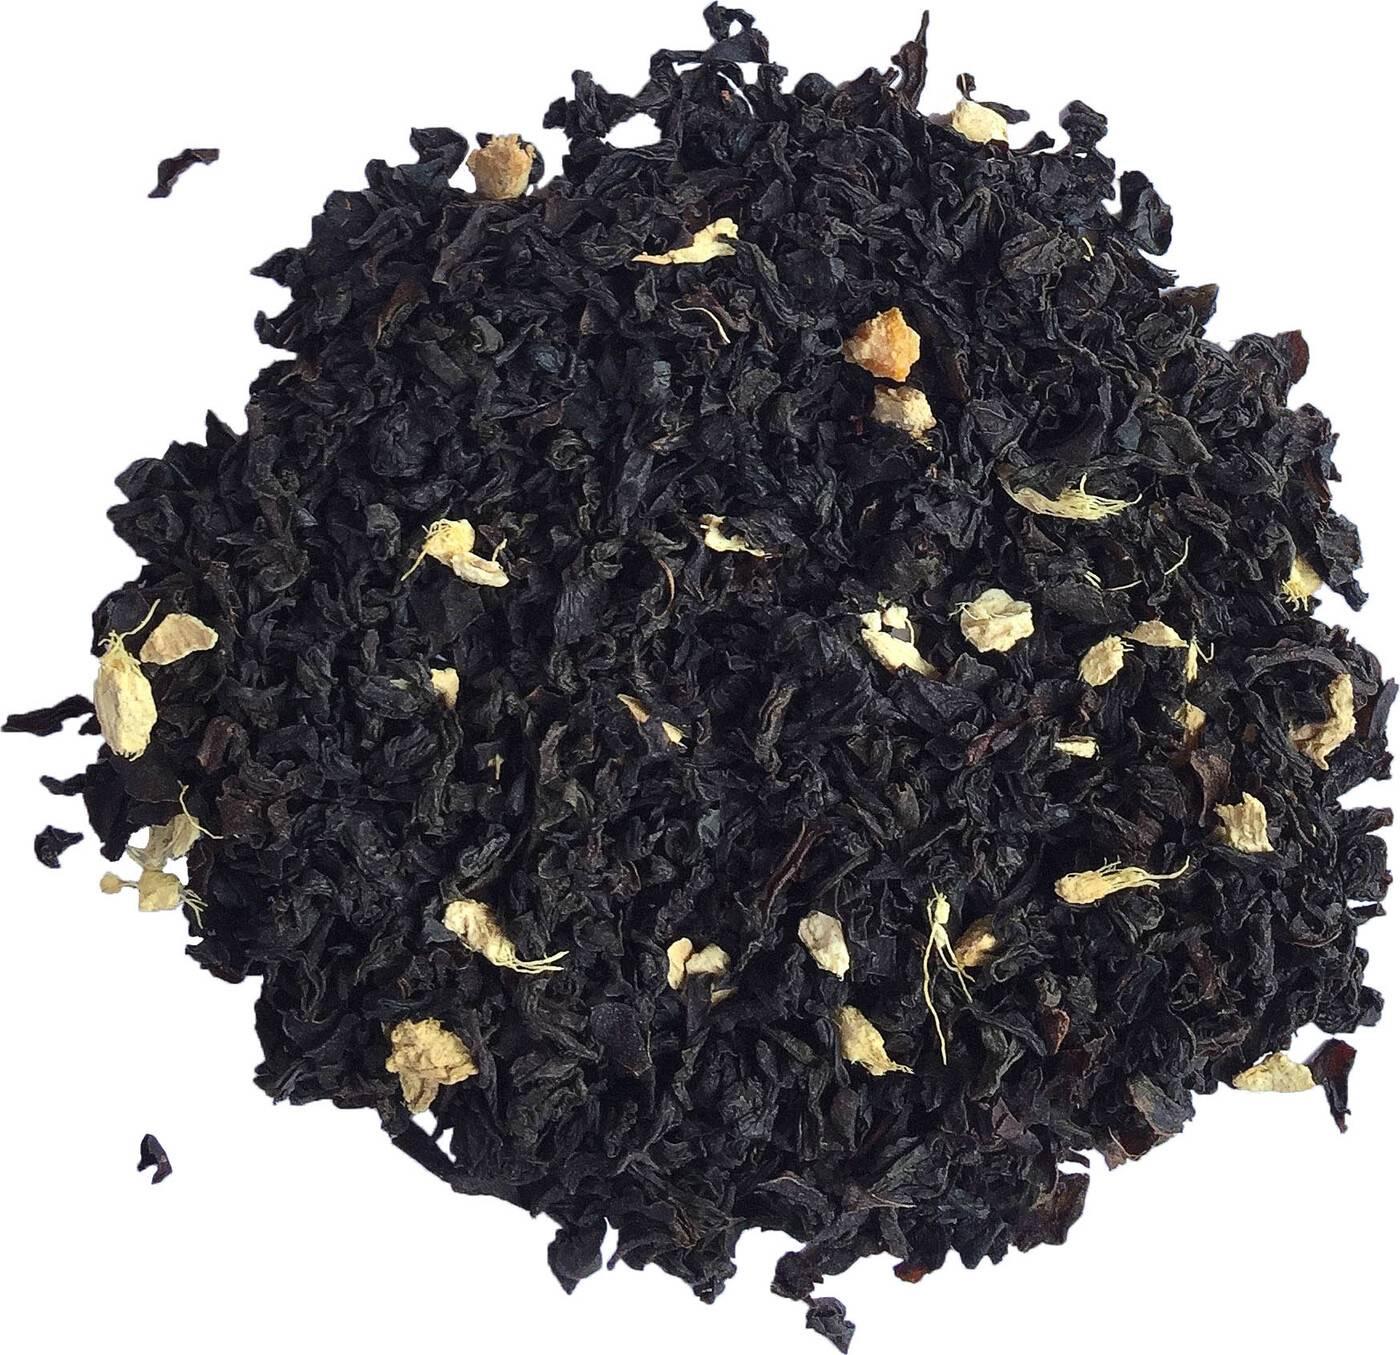 Чем отличается черный чай от зеленого. в чем уникальность напитков. зеленый чай и черный: в чем разница